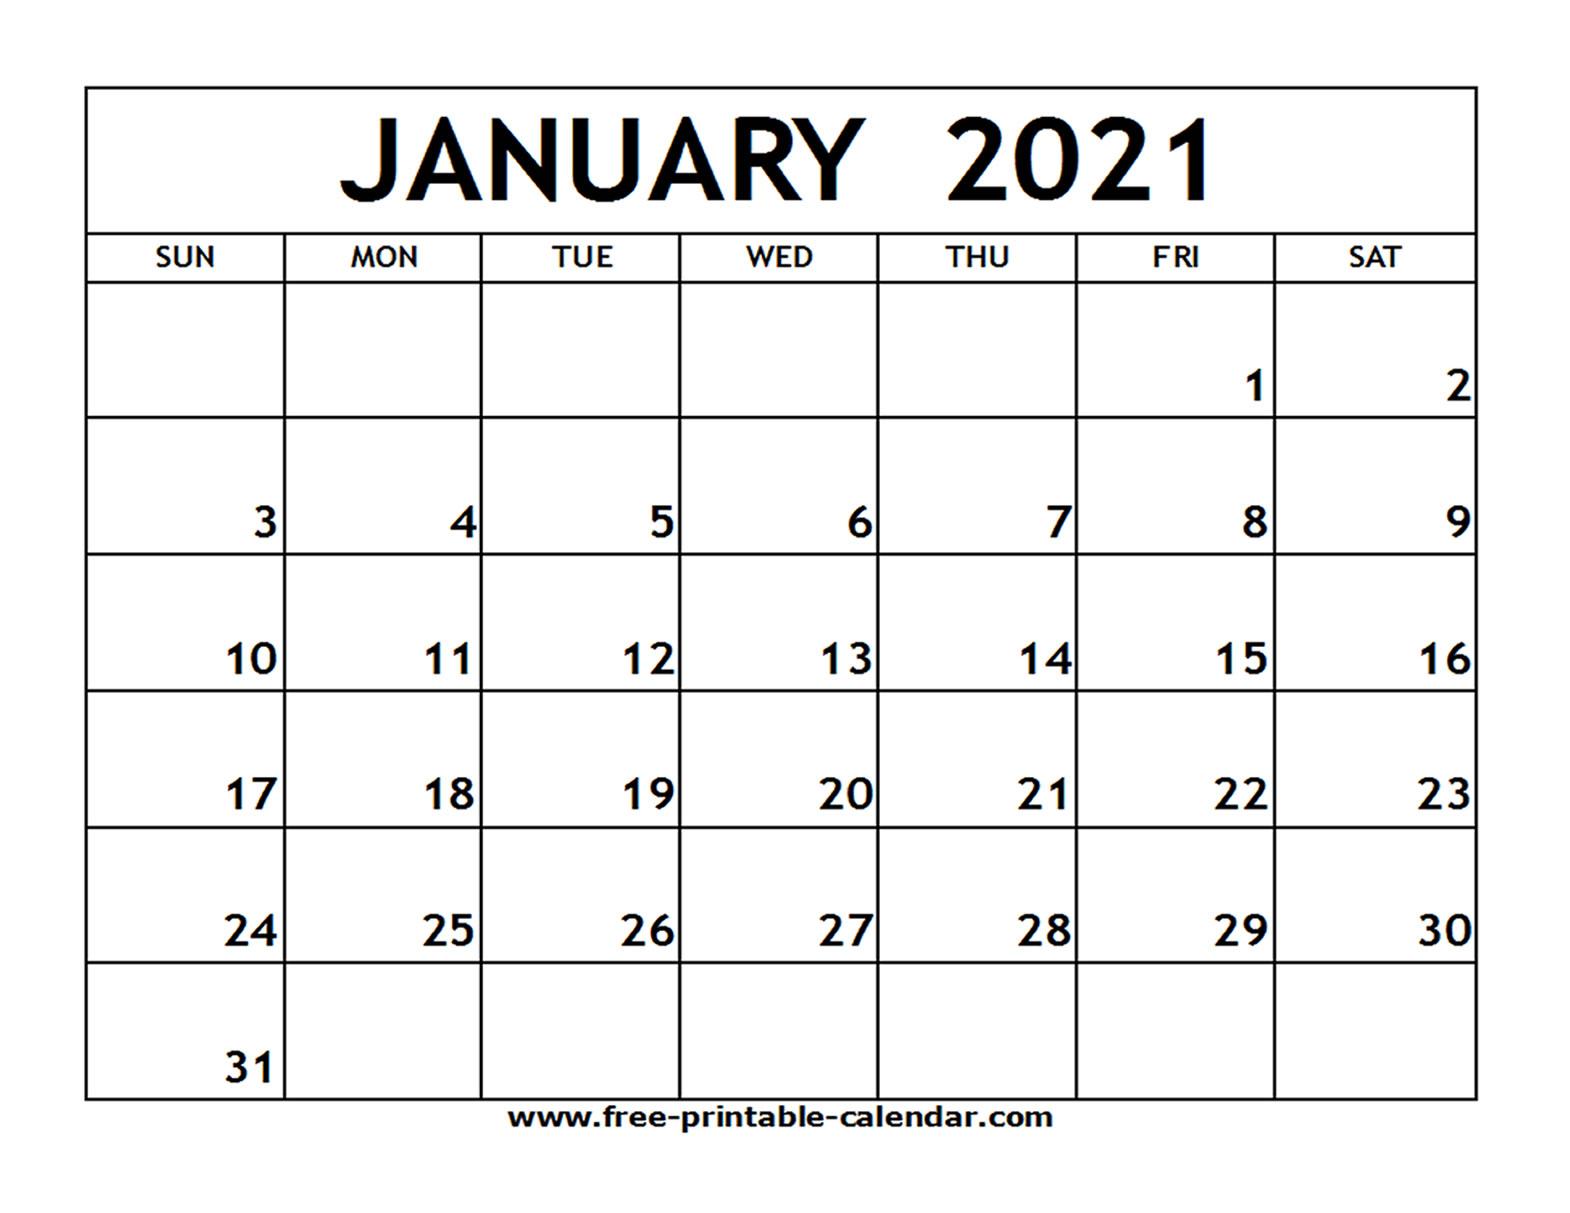 January 2021 Printable Calendar - Free-Printable-Calendar within 2021 Fillable Calendar Free Printable